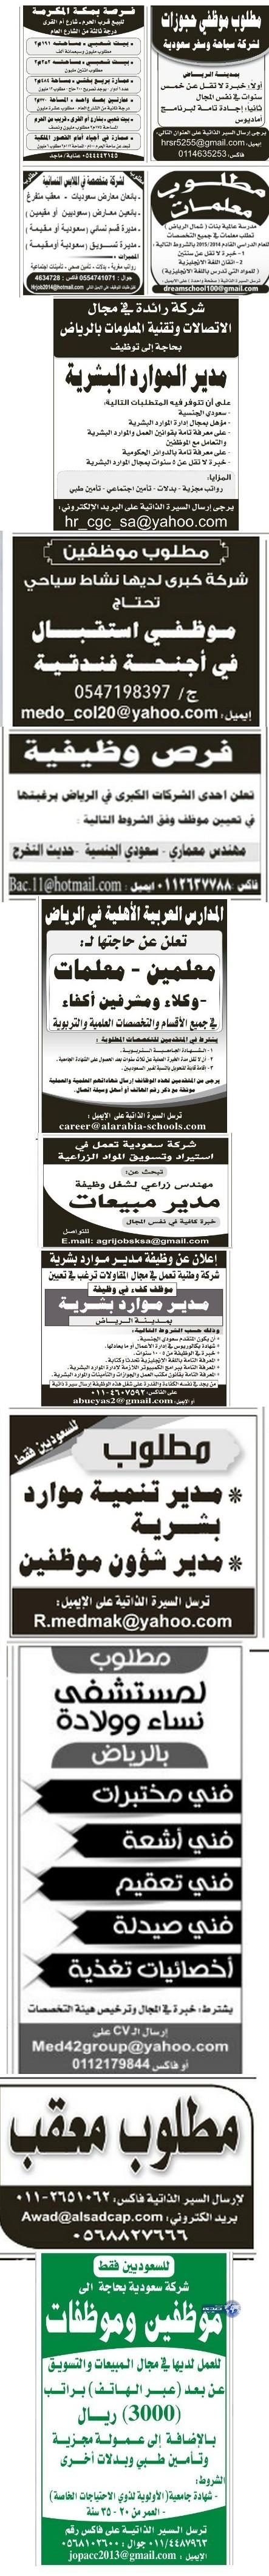 وظائف جديدة اليوم 2-4-2014 ، وظائف شاغرة ليوم الاربعاء 2-6-1435